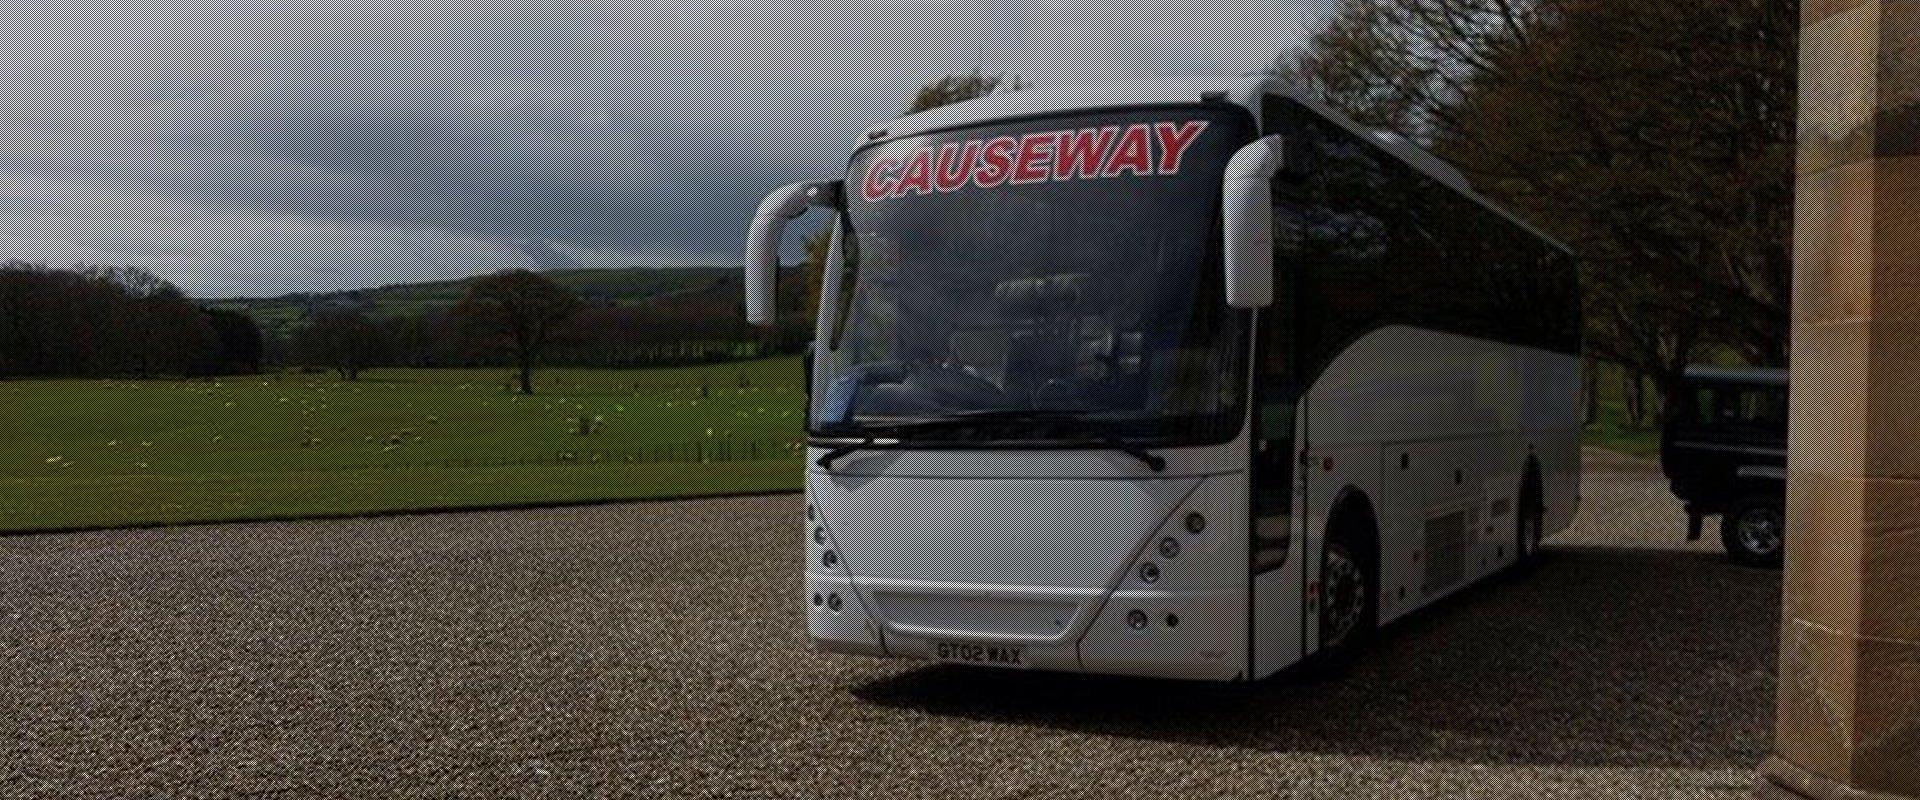 CAUSEWAY bus